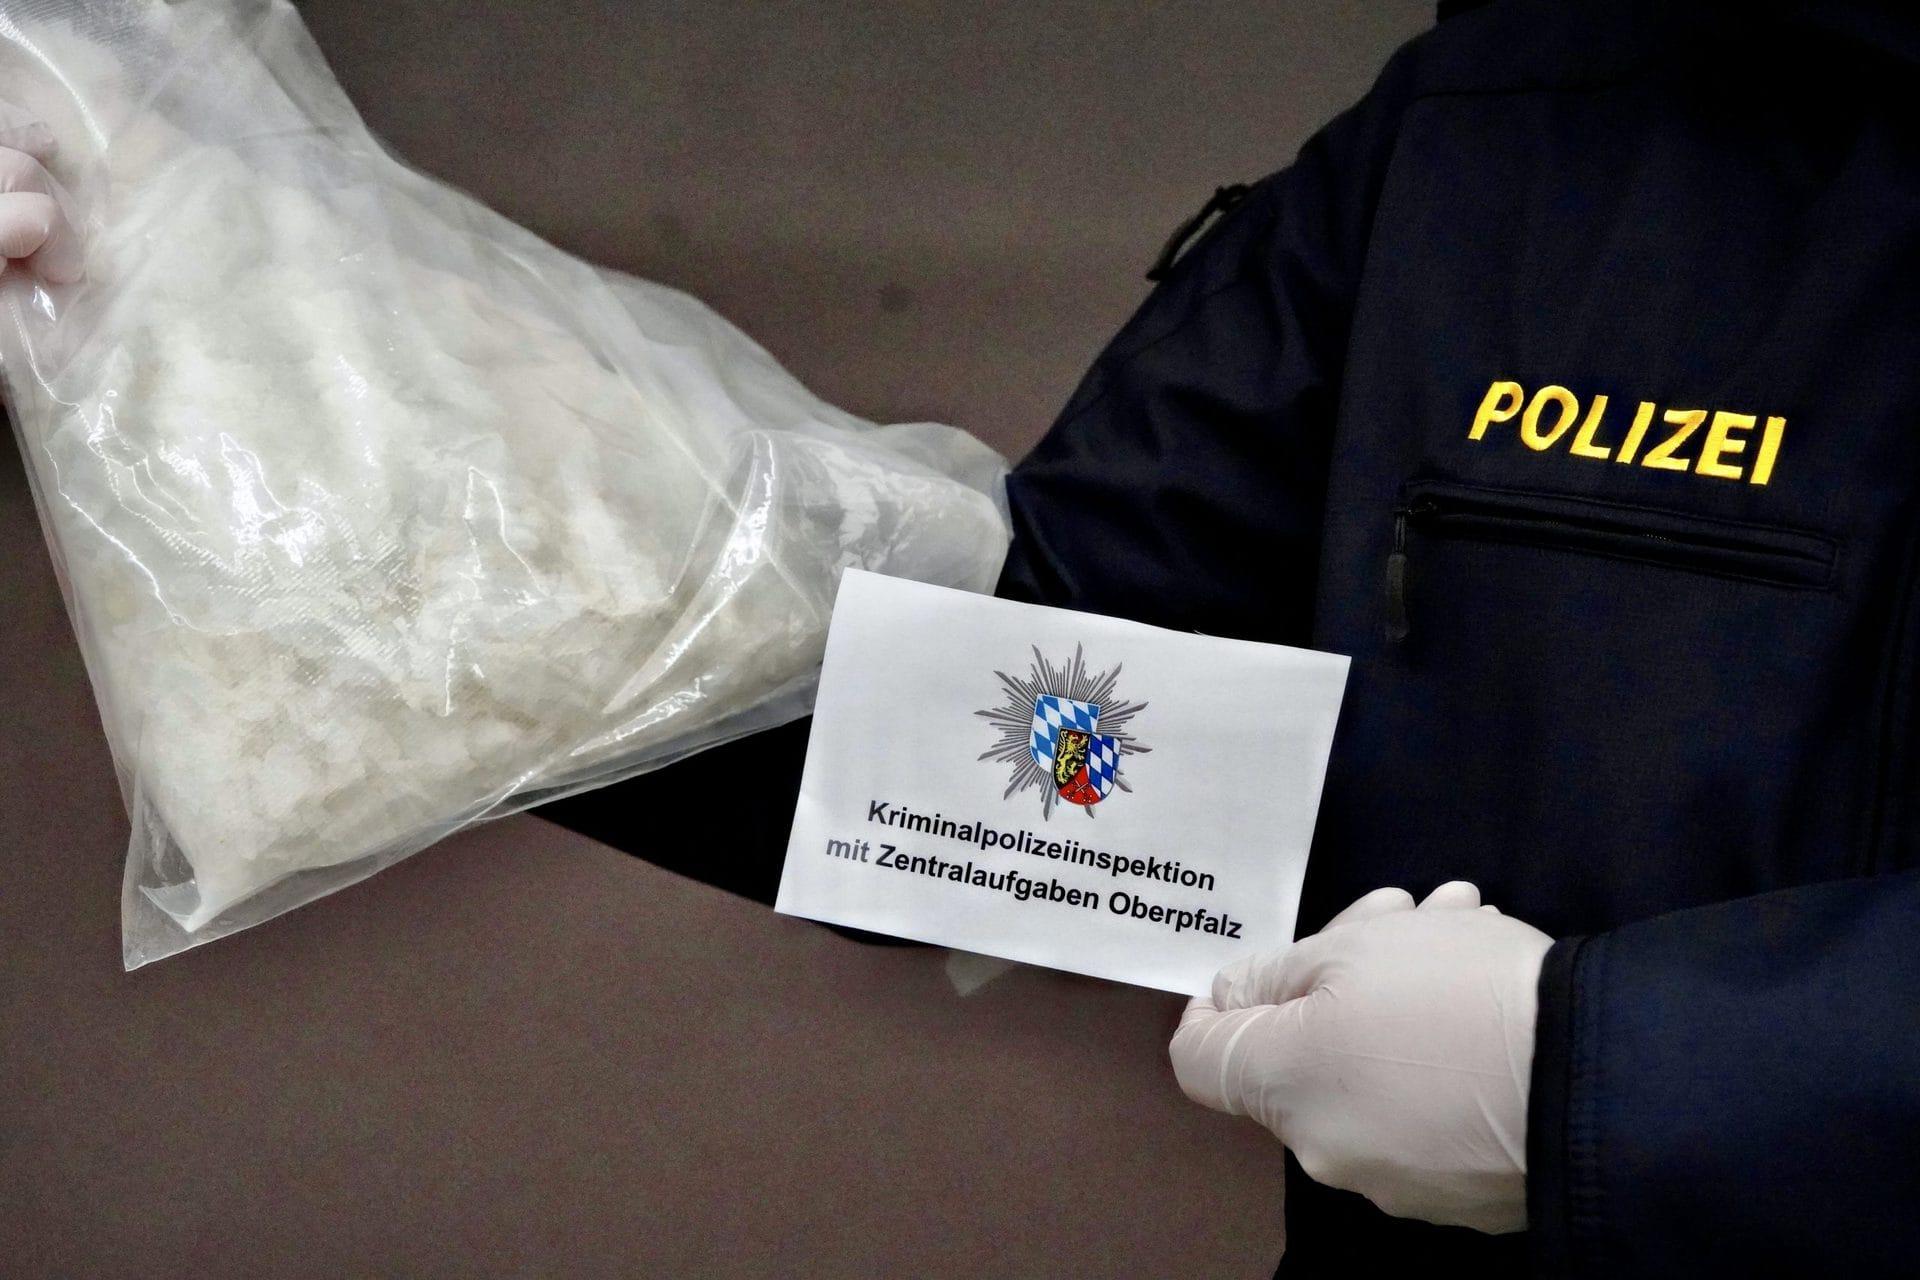 Regensburg: Crystal im Kilobereich sichergestellt Schlag gegen Drogenkriminalität